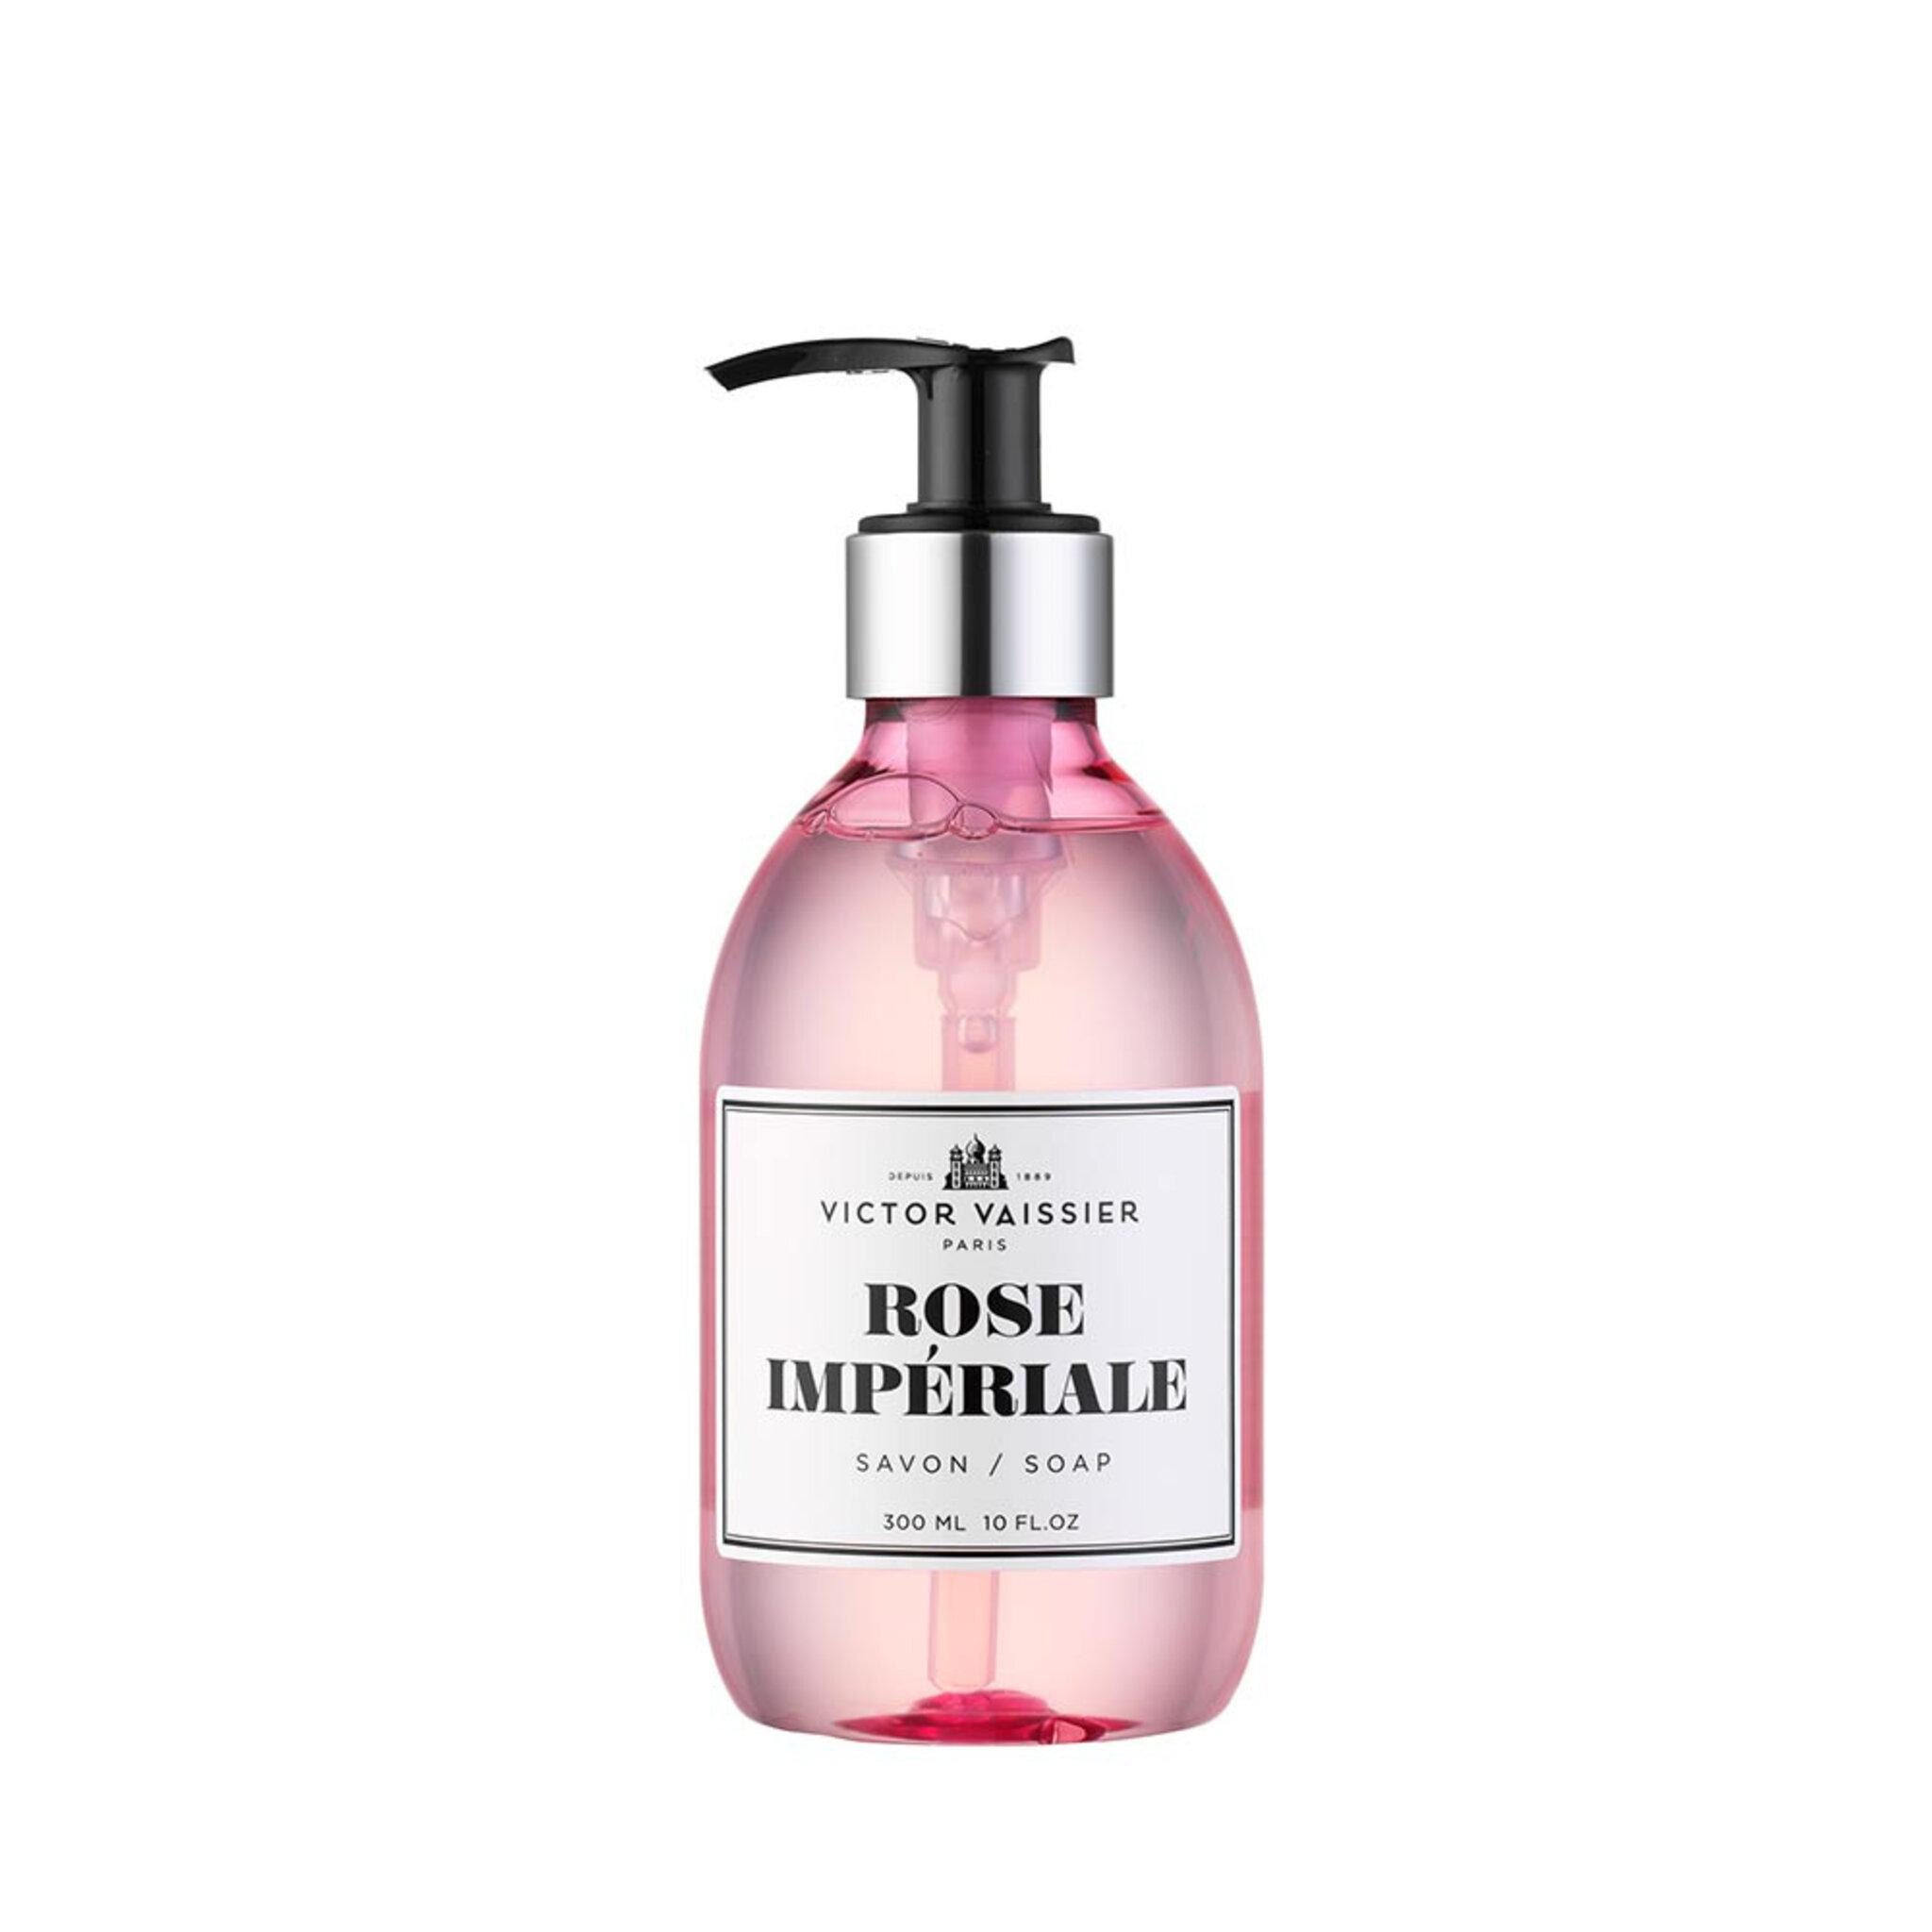 Rose Impériale Liquid Soap 300ml